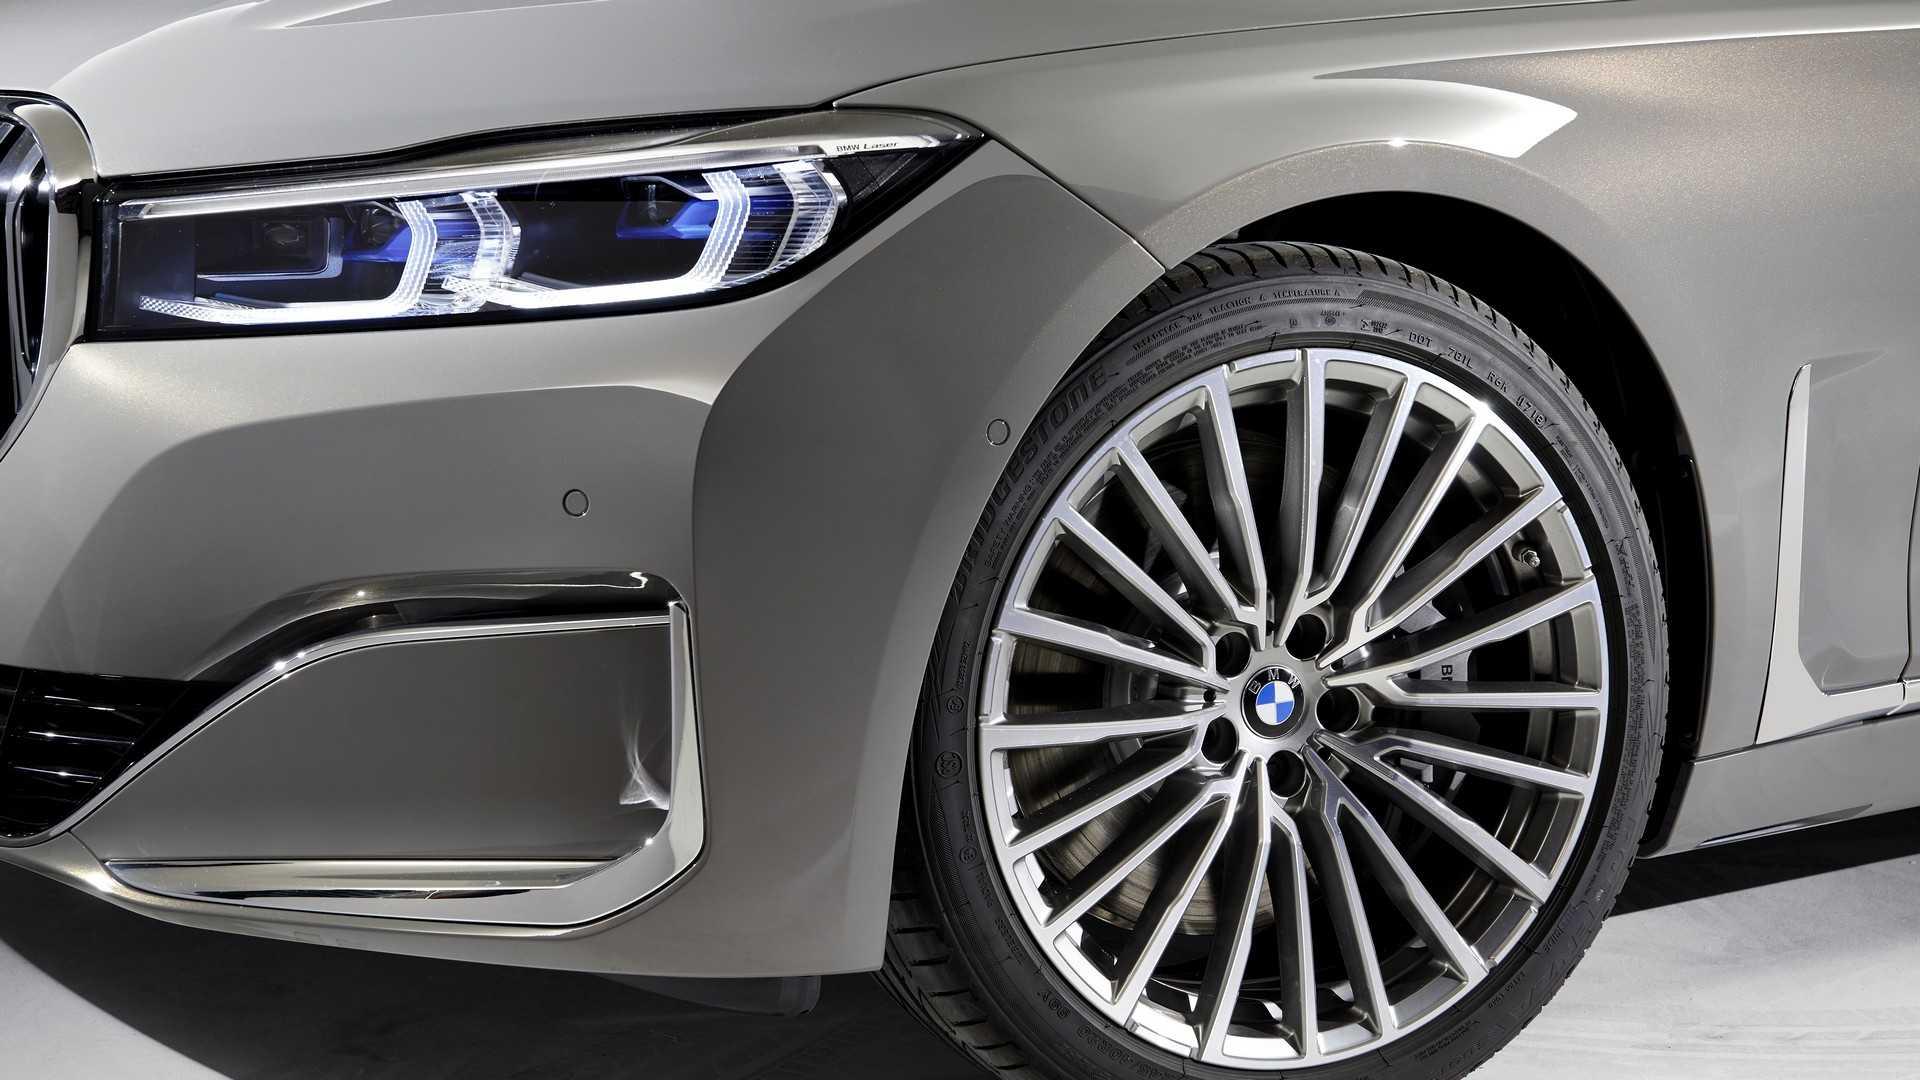 BMW 7 Series thế hệ mới sẽ có thêm bản chạy điện hoàn toàn - 7